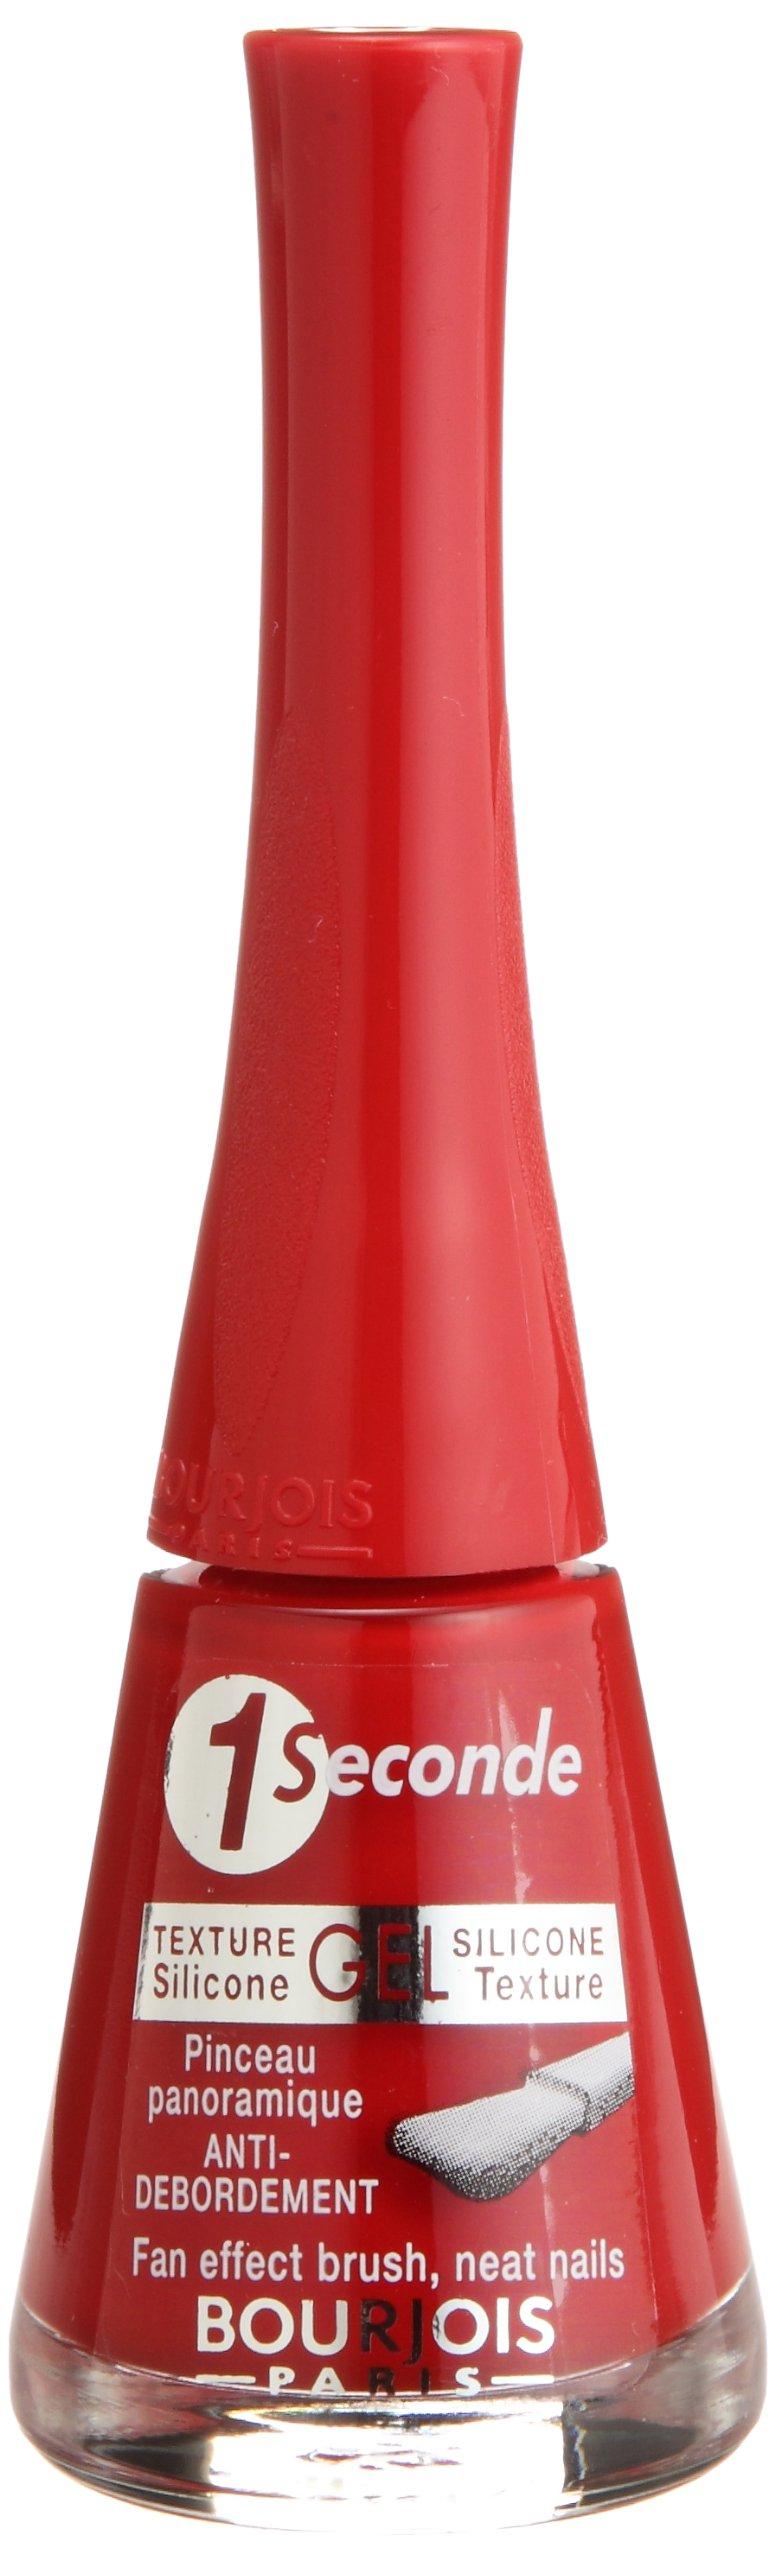 Amazon Com Bourjois 1 Seconde Nail Polish Beige Distinction 0 3 Ounce Foundation Makeup